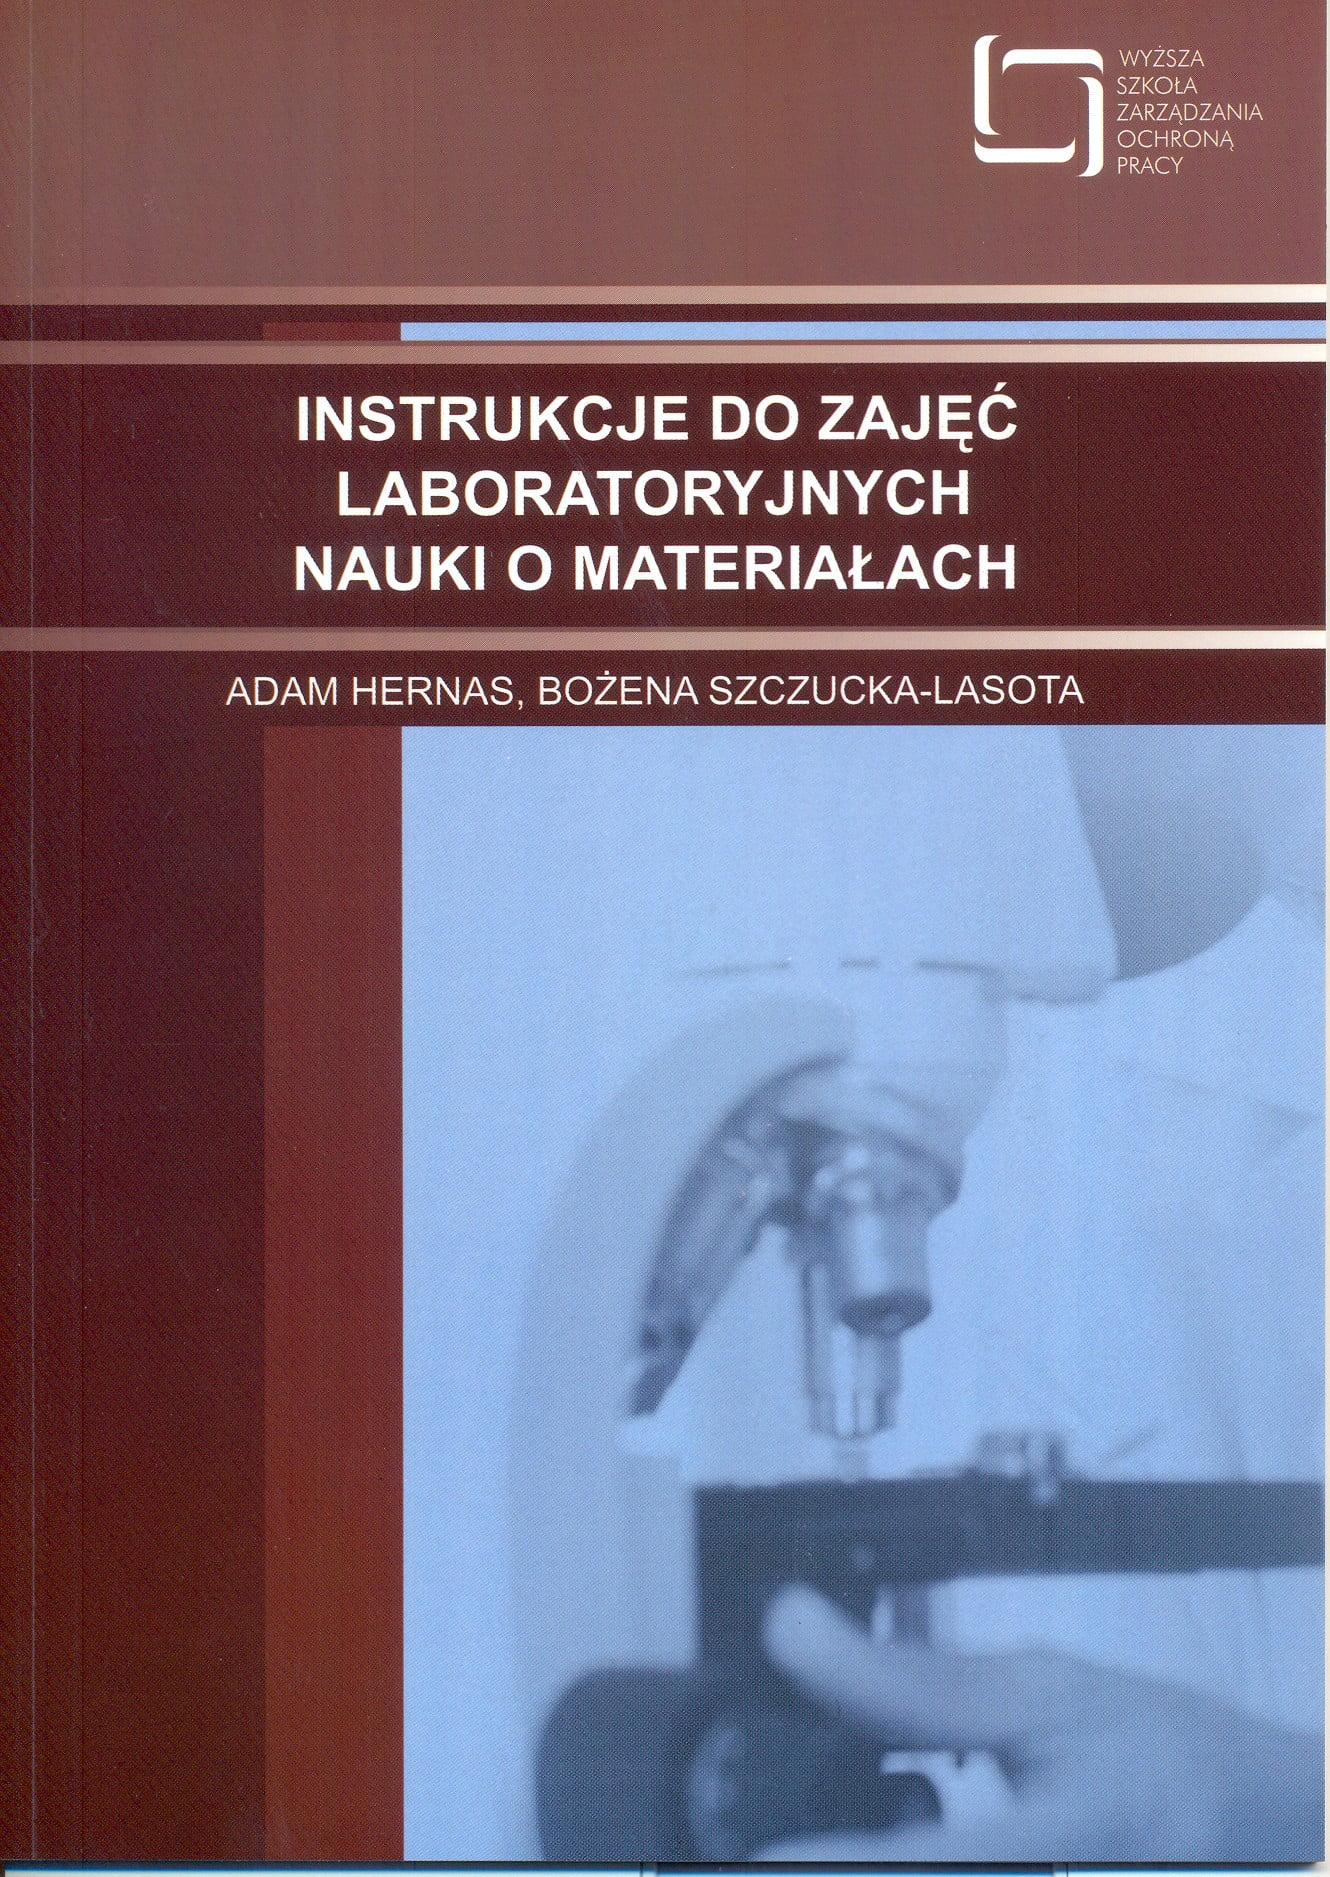 Okładka Instrukcje dozajęć laboratoryjnych nauki omateriałach